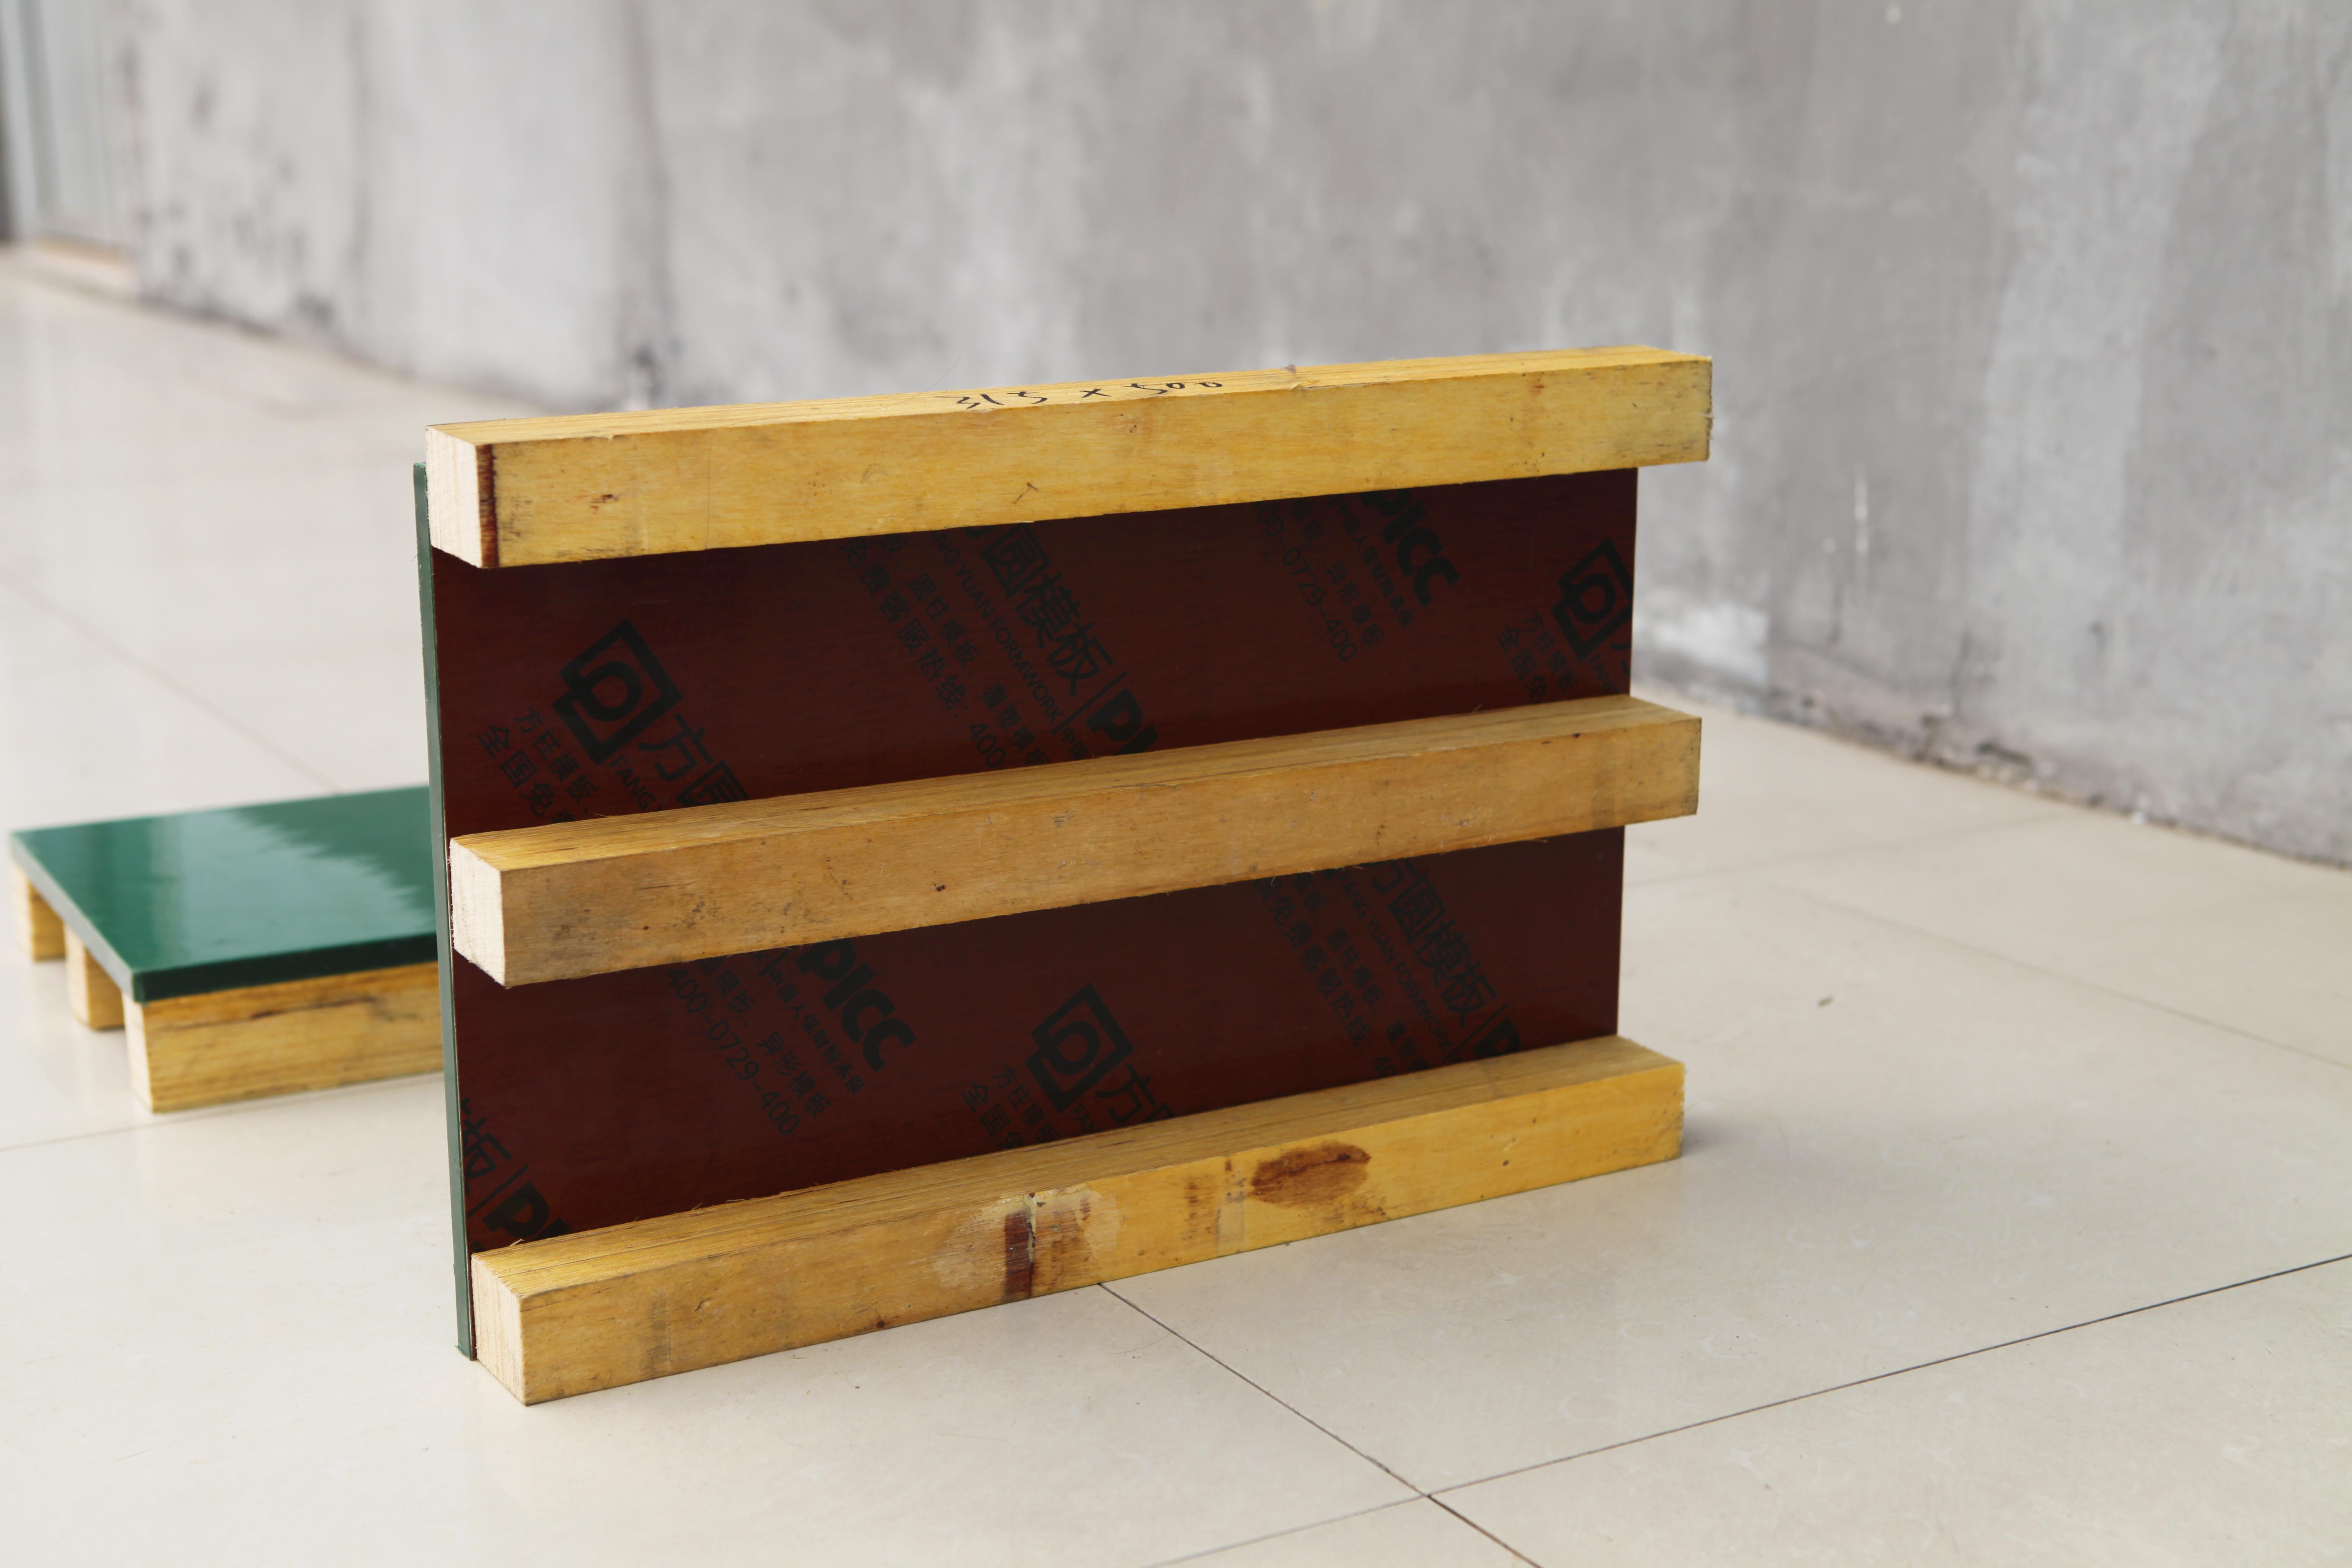 木方:尺寸40mm*50mm,尺寸精准,外敷桐油防腐蚀,强度高于实木方2倍